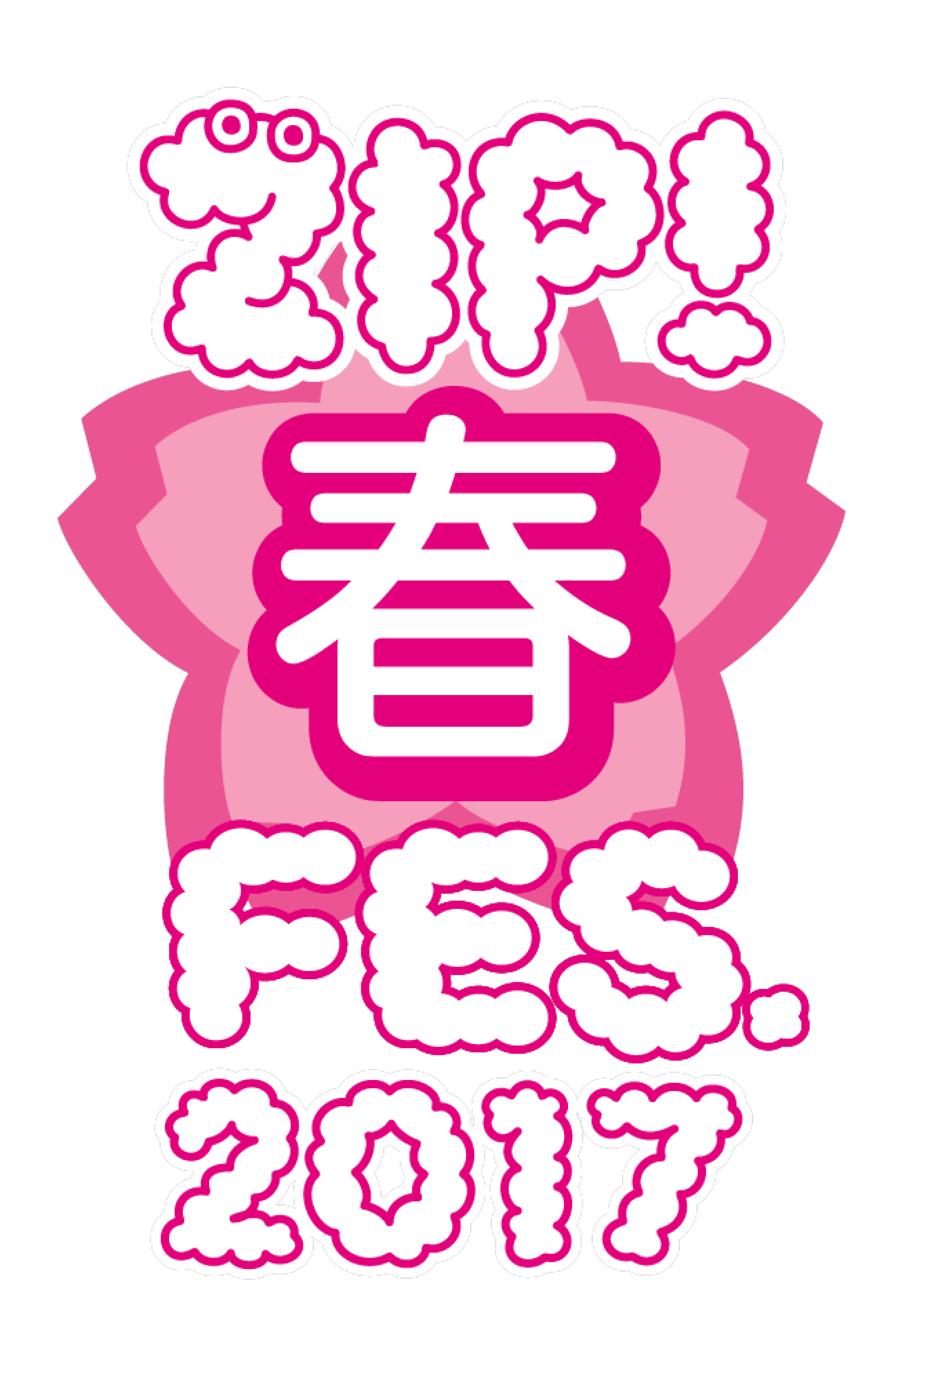 「ZIP! 春フェス」ロゴ